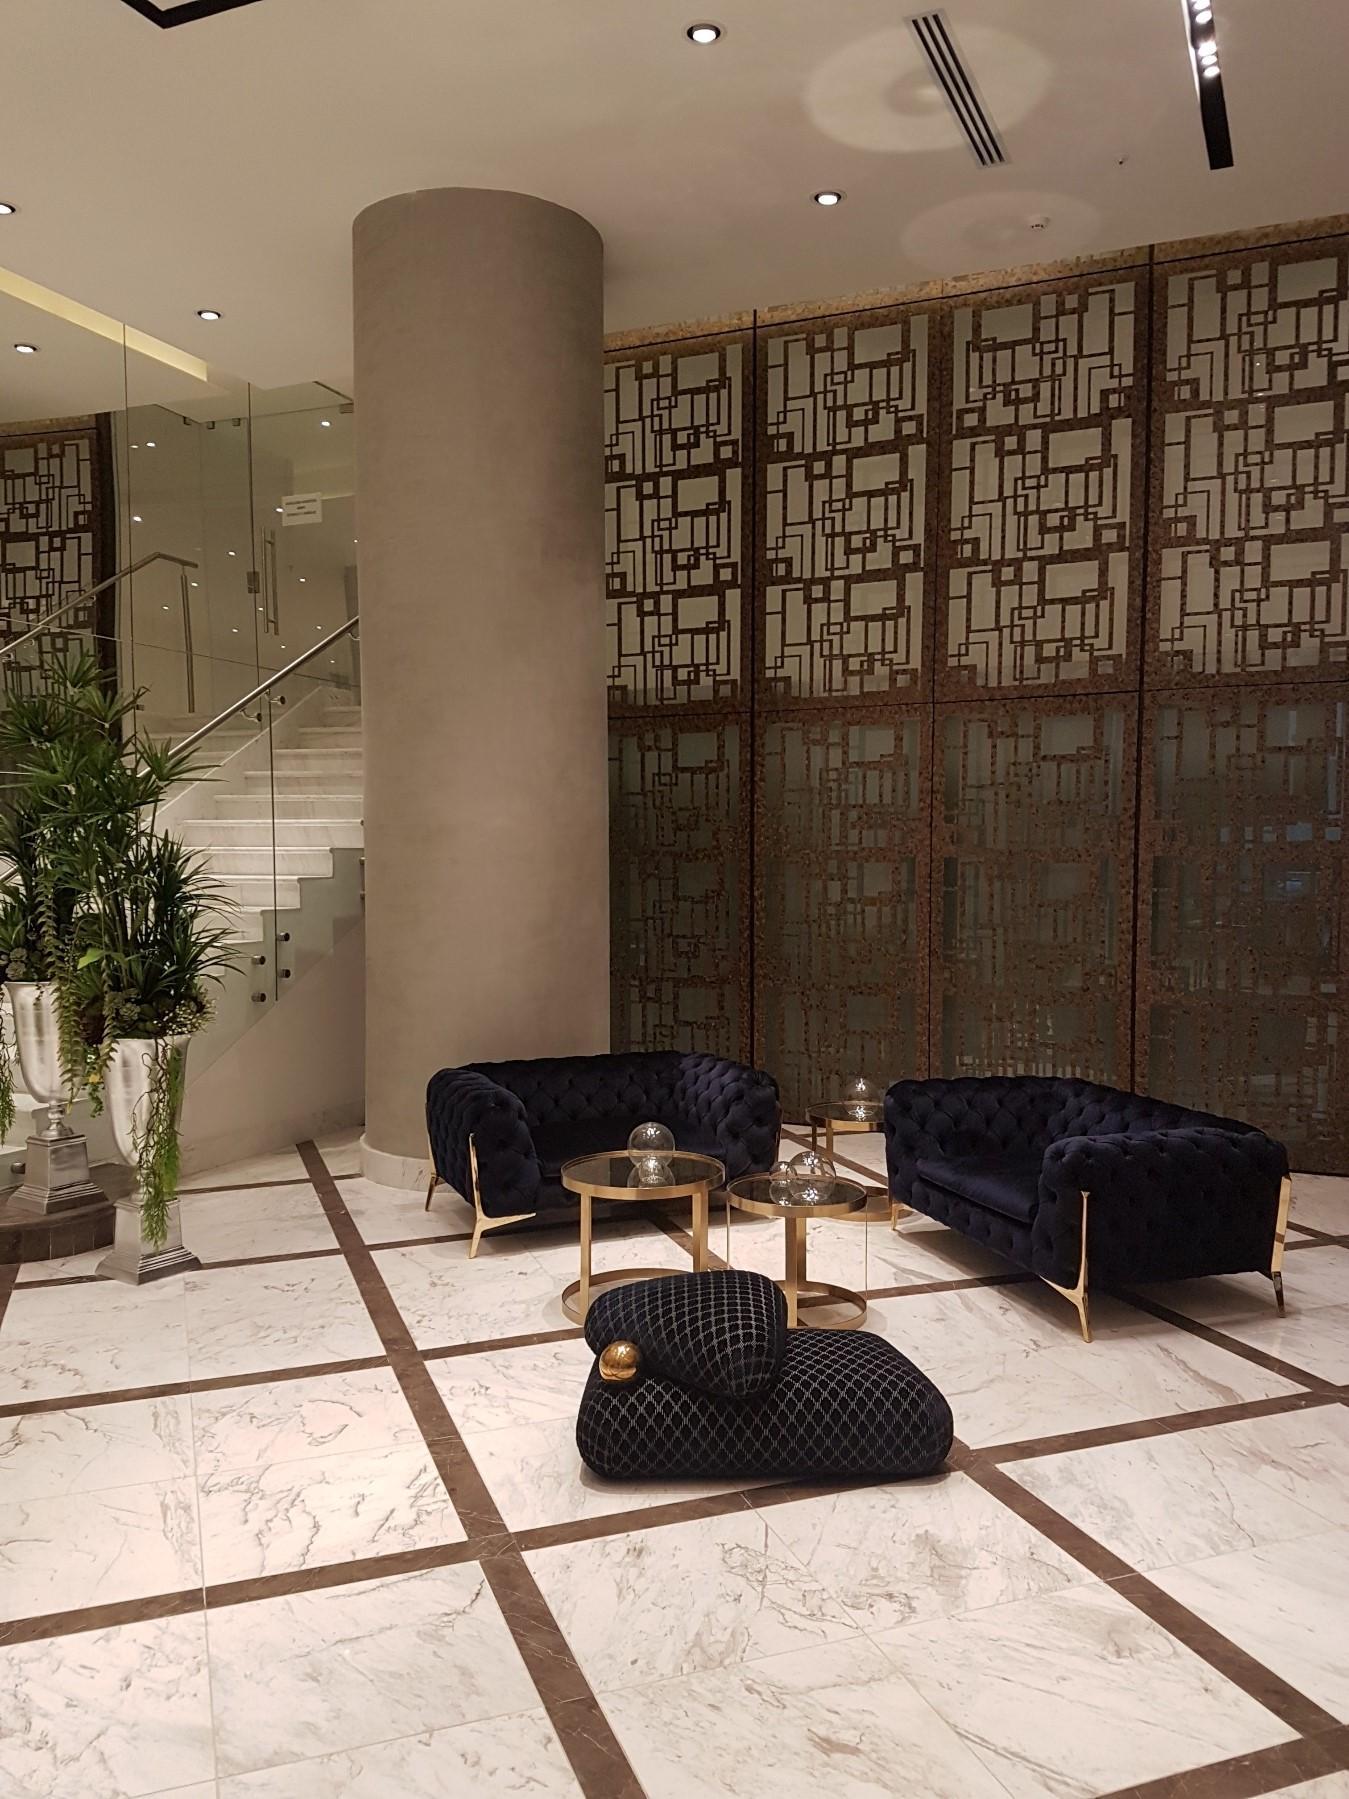 PANAMA VIP10, S.A. Apartamento en Alquiler en Paitilla en Panama Código: 18-2857 No.3